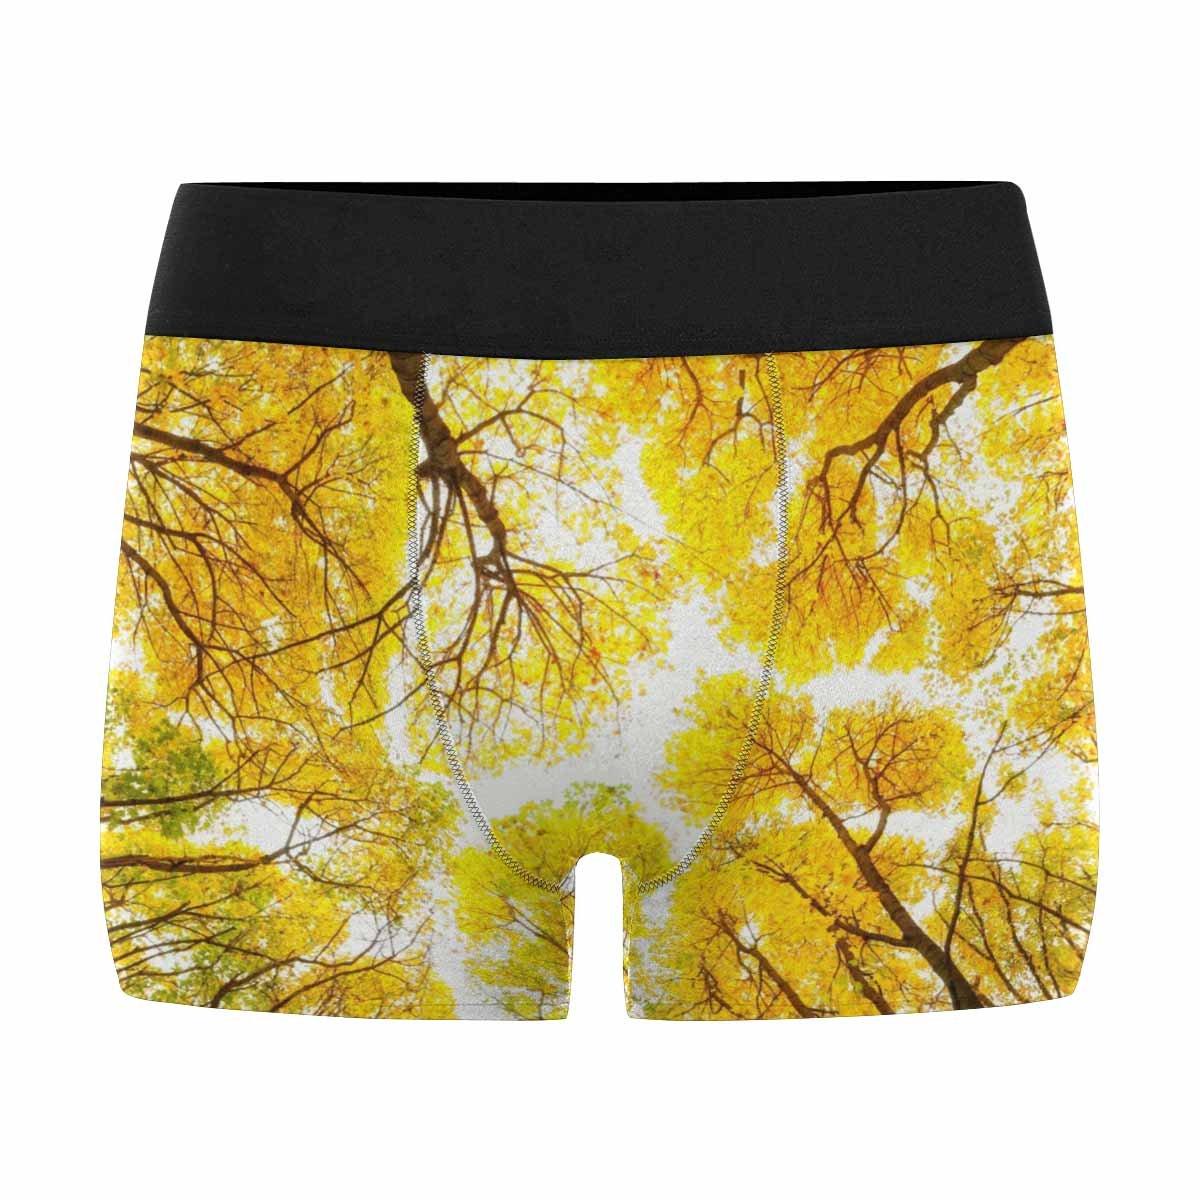 INTERESTPRINT Mens Boxer Briefs Underwear Autumn Trees Pattern XS-3XL